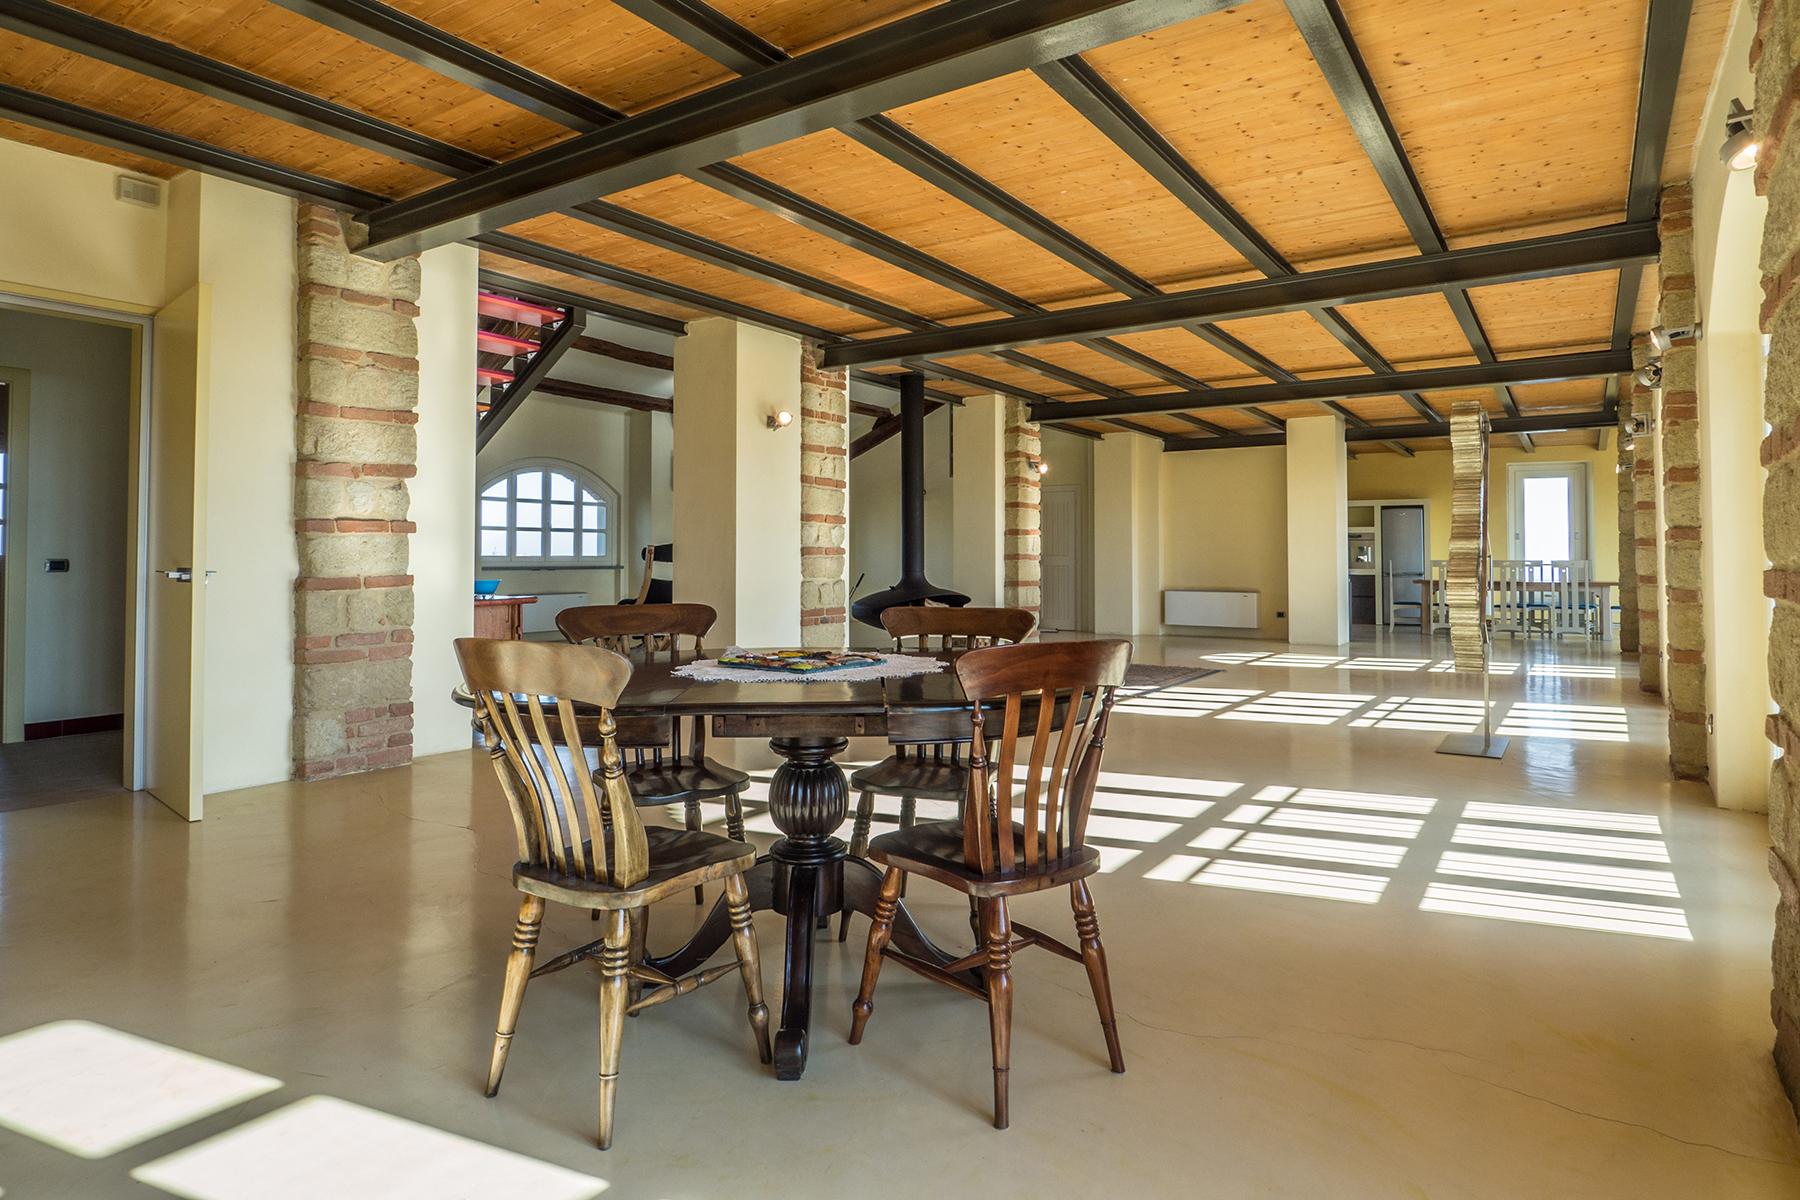 Rustico in Vendita a Vignale Monferrato: 5 locali, 1400 mq - Foto 5